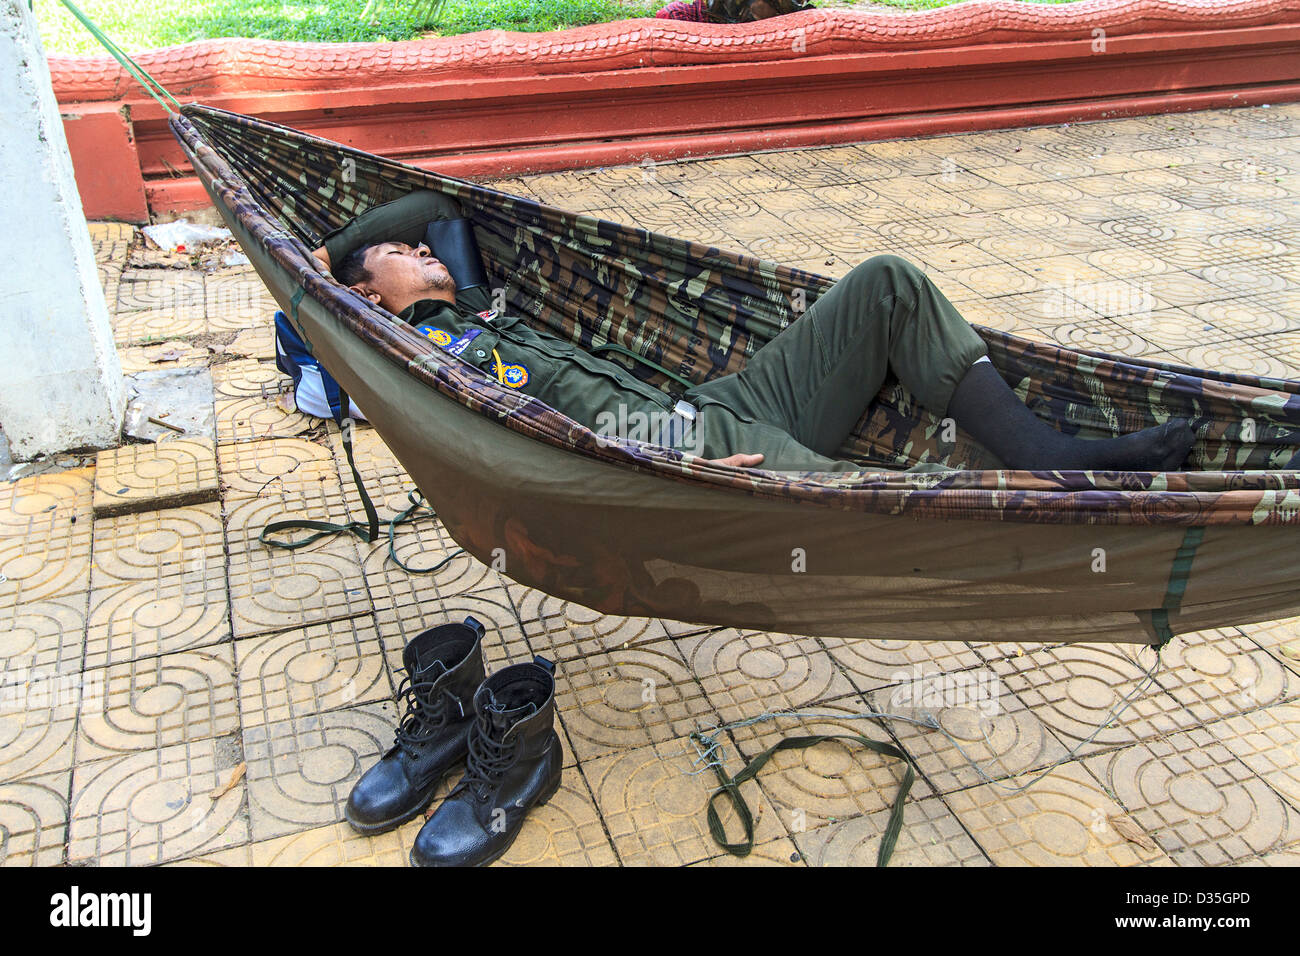 Military policeman naps in hammock, Phnom Penh, Cambodia. - Stock Image